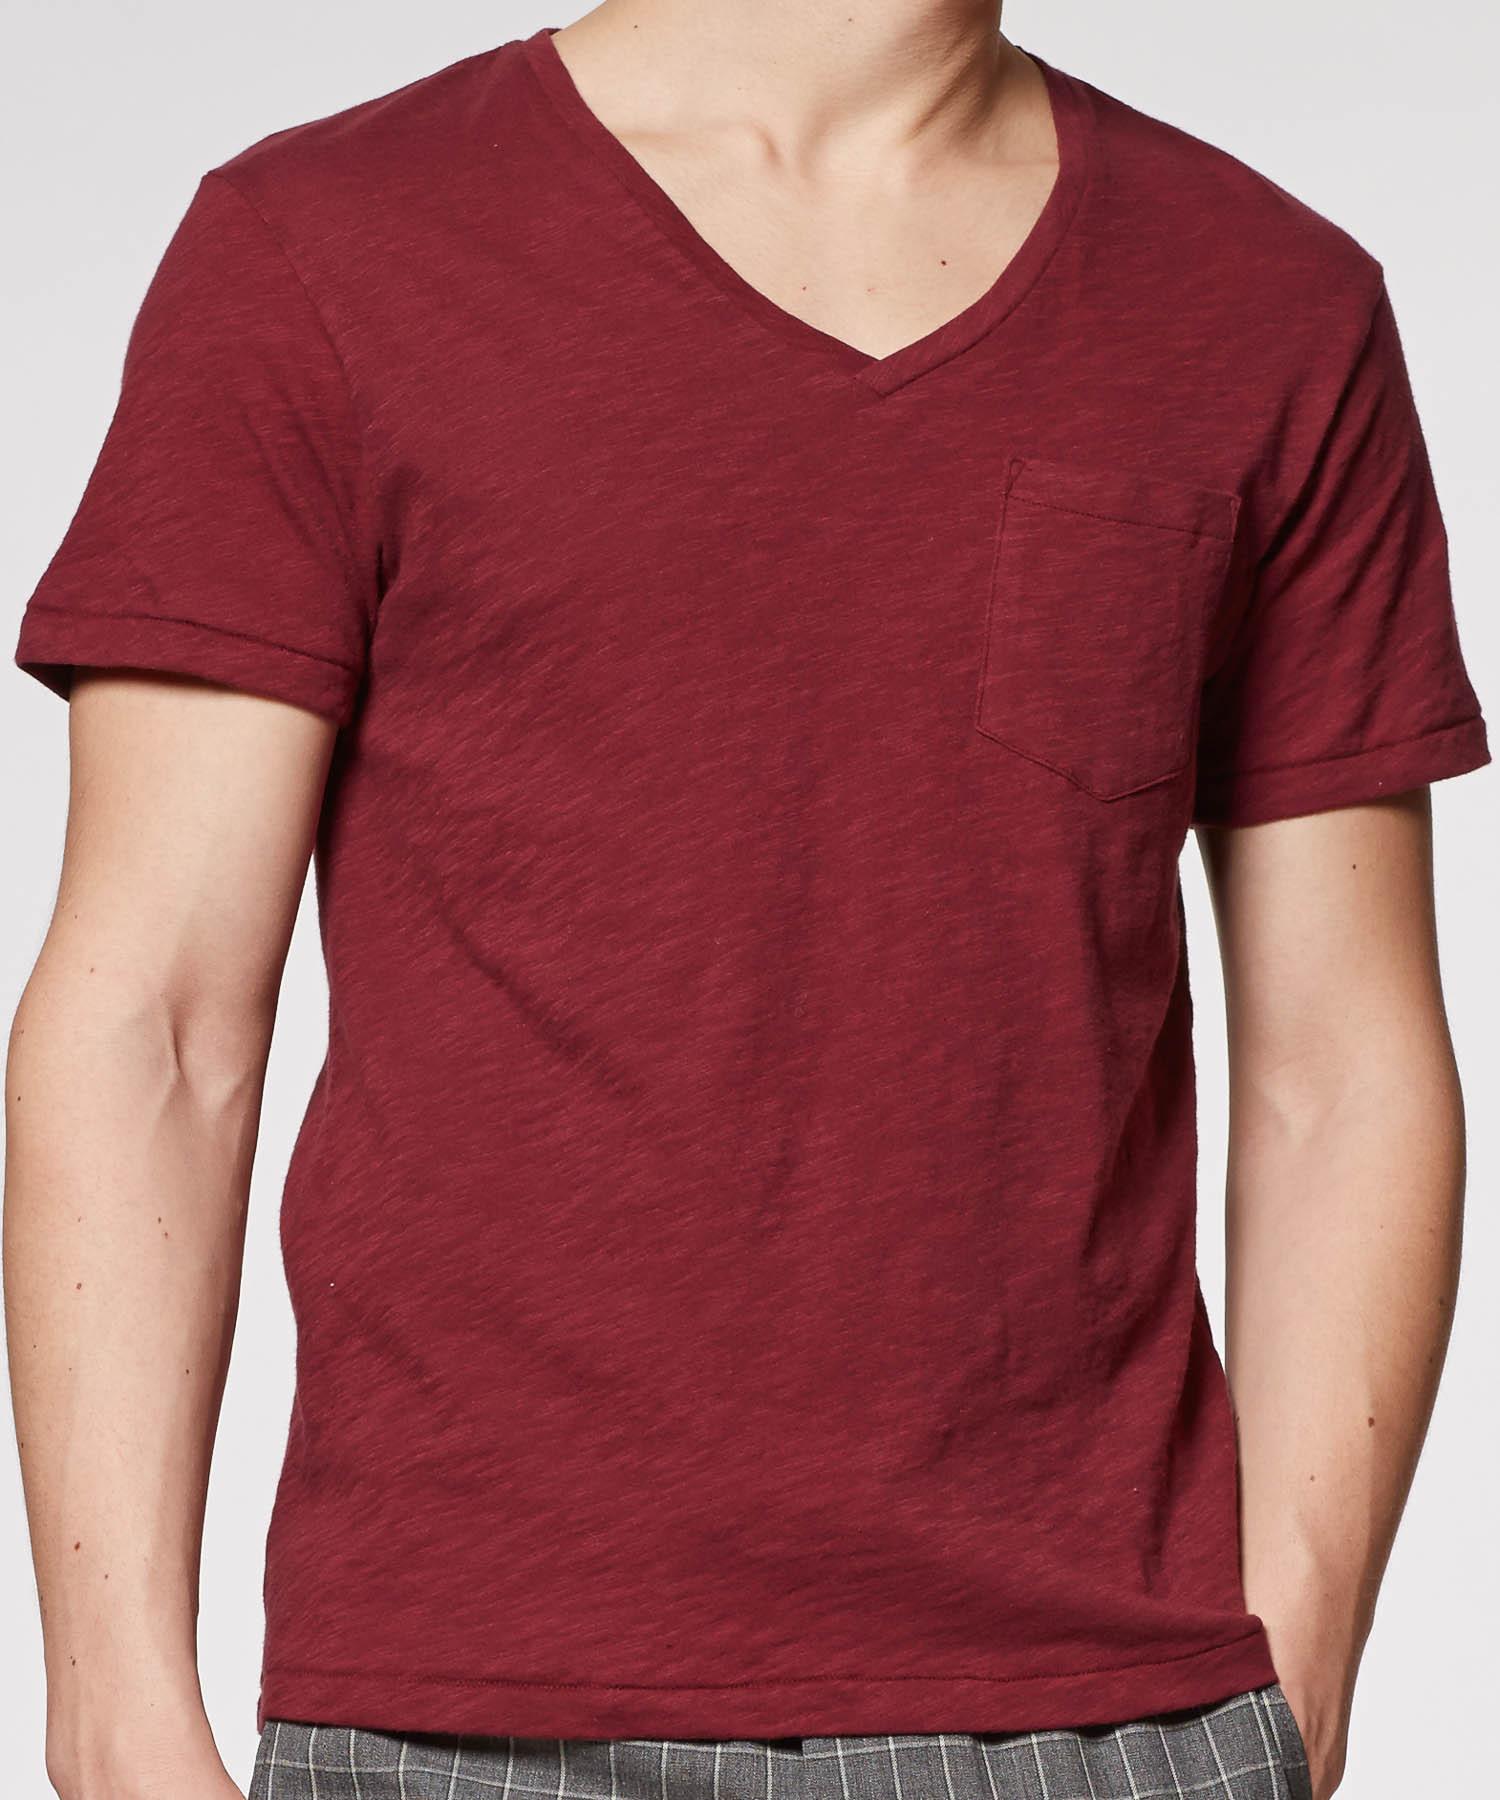 Todd snyder maroon pocket v neck t shirt in purple for men for Maroon t shirt for men